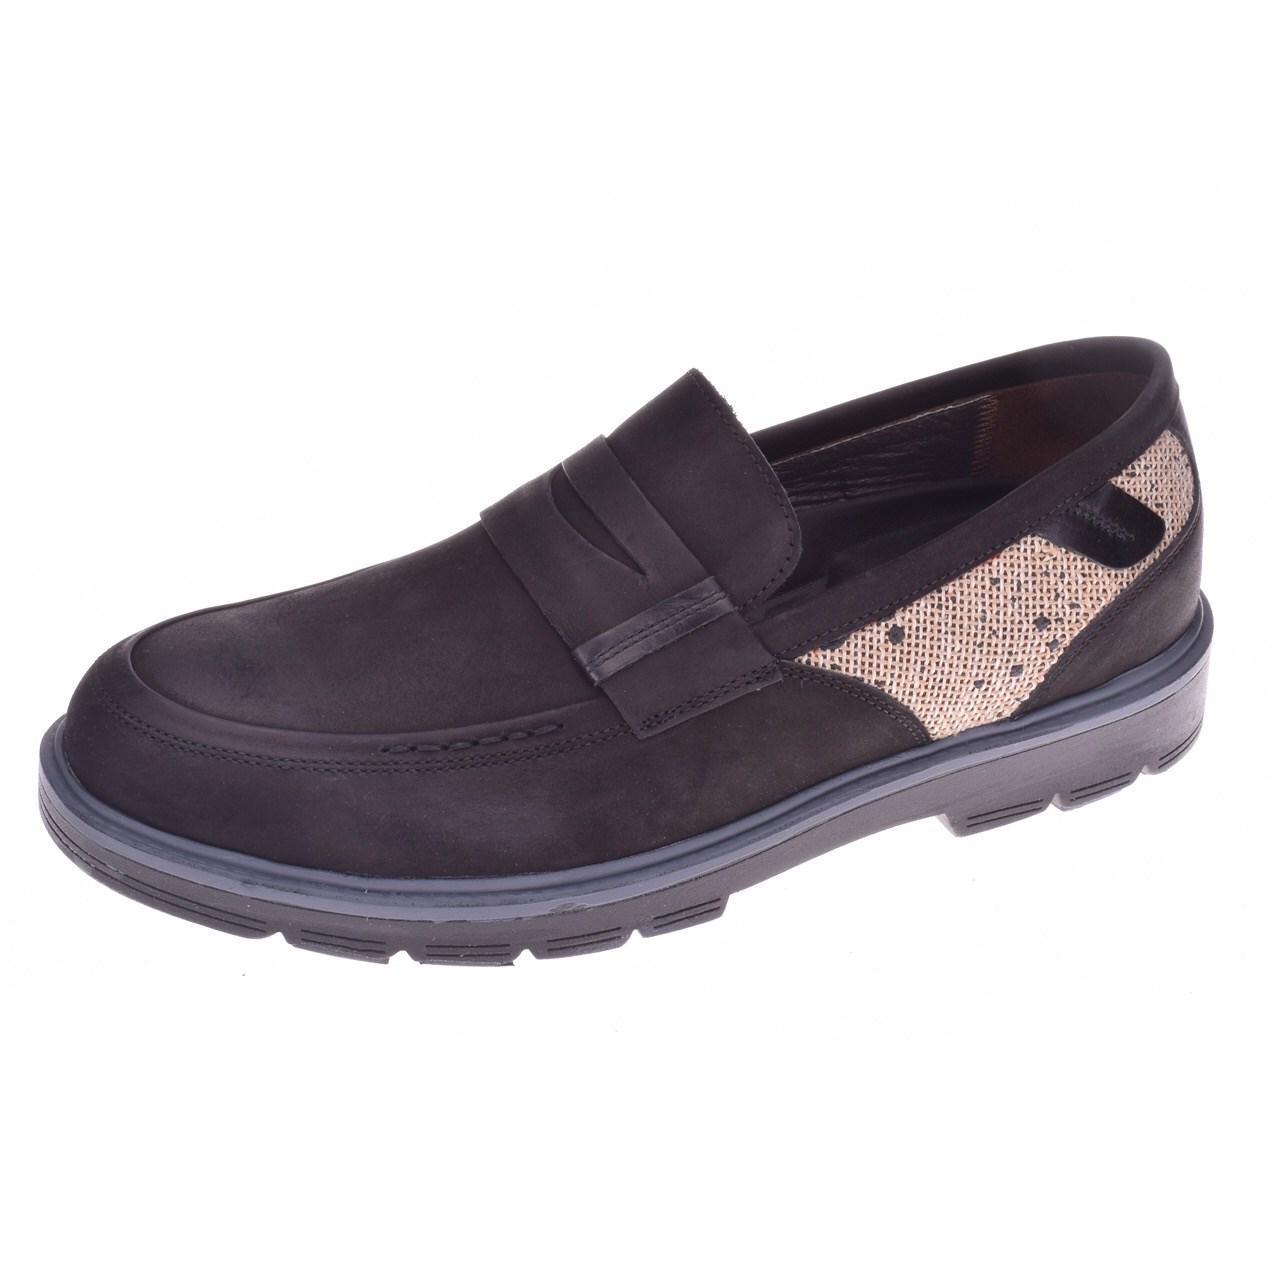 کفش مردانه پانیسا مدل 144B